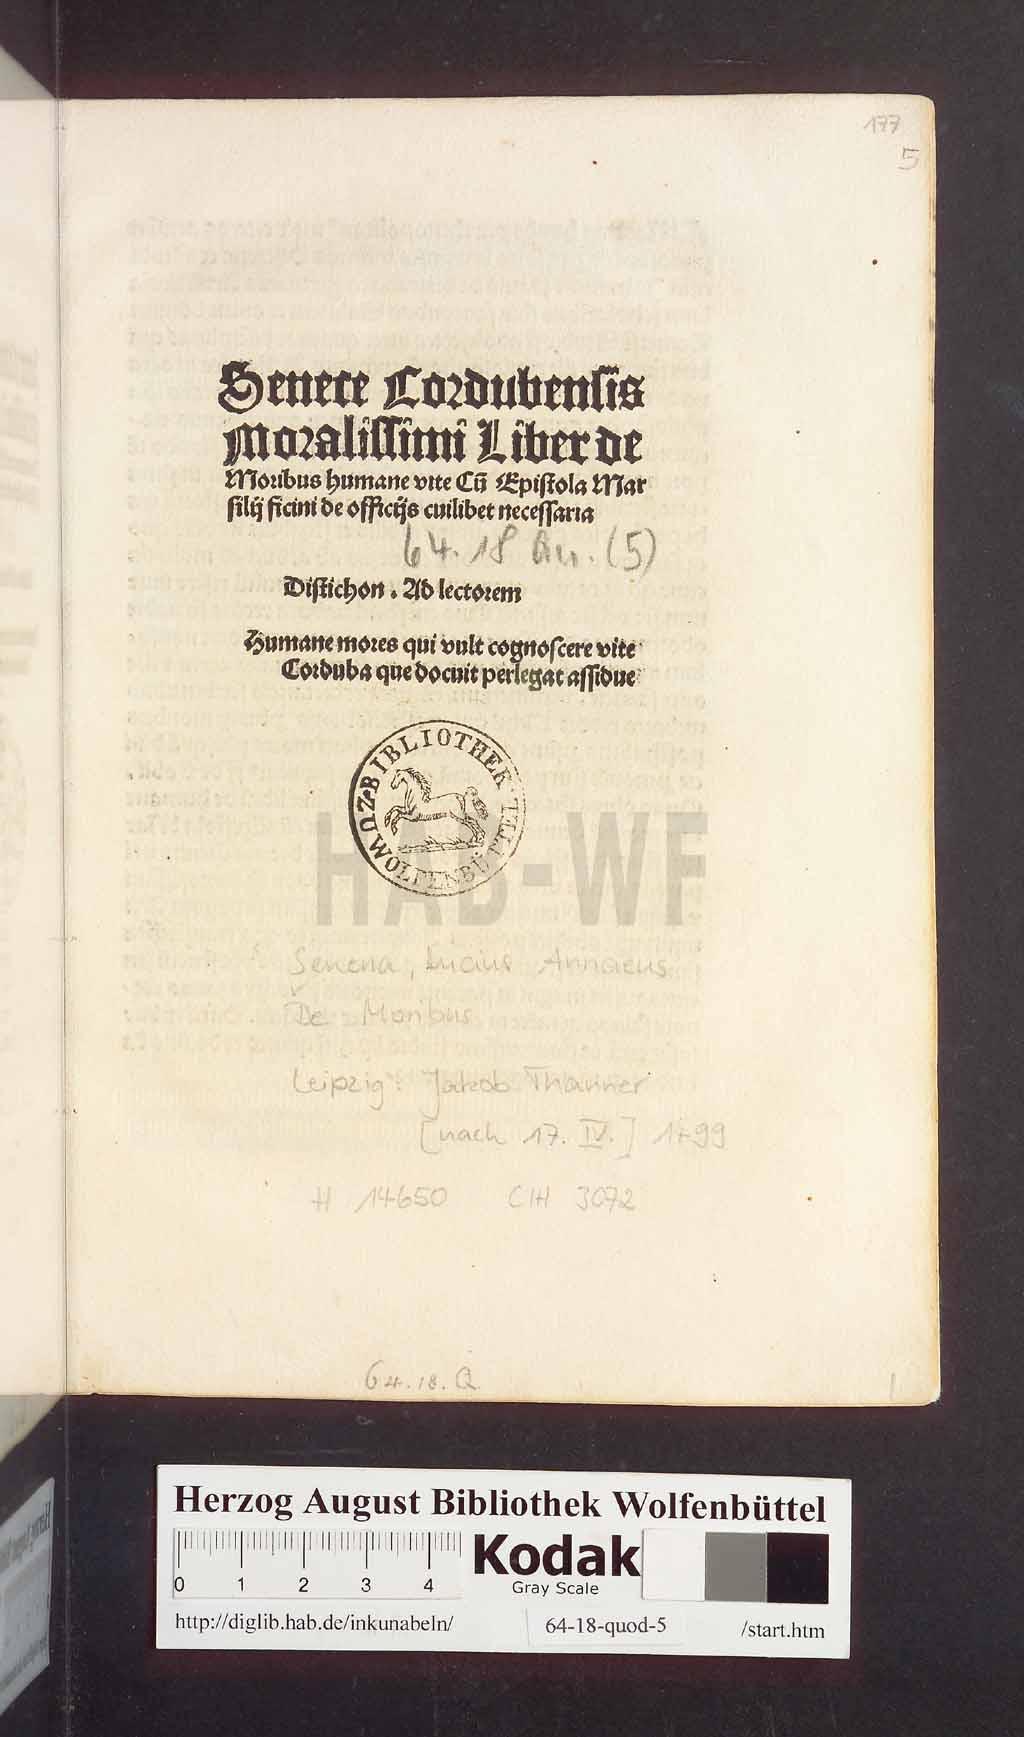 http://diglib.hab.de/inkunabeln/64-18-quod-5/00001.jpg